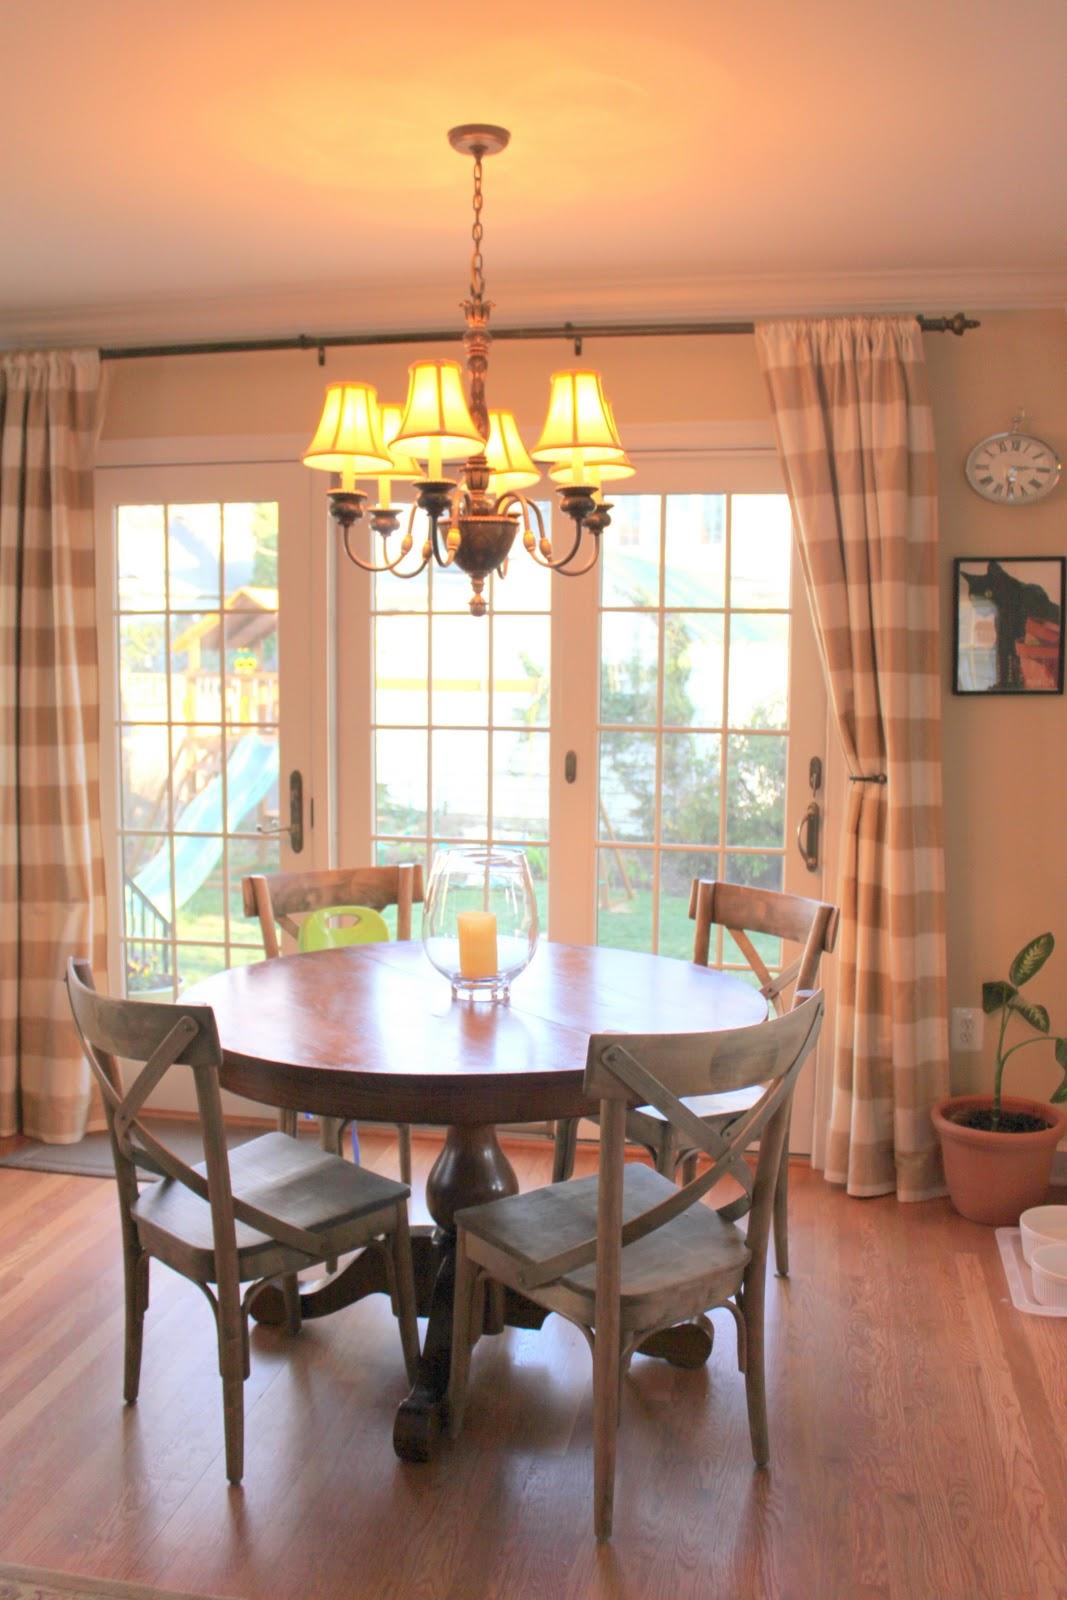 Houseography April 2011